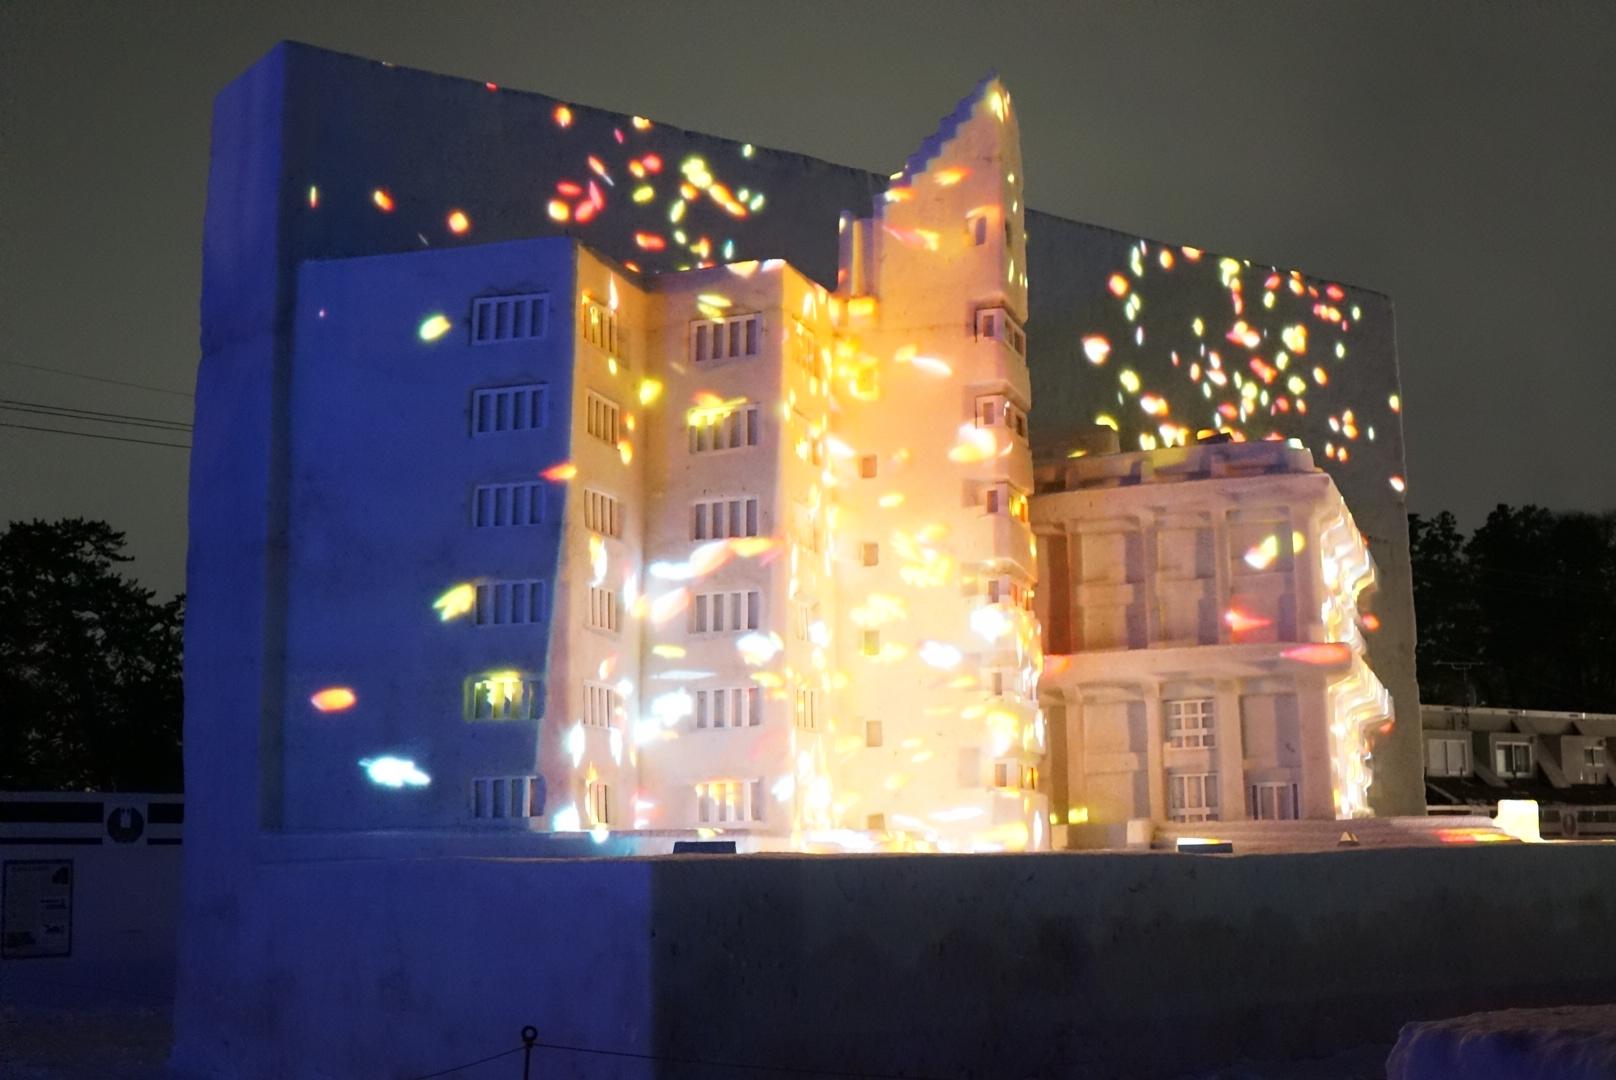 【2018】弘前城雪燈籠まつりのプロジェクションマッピング(弘前市)